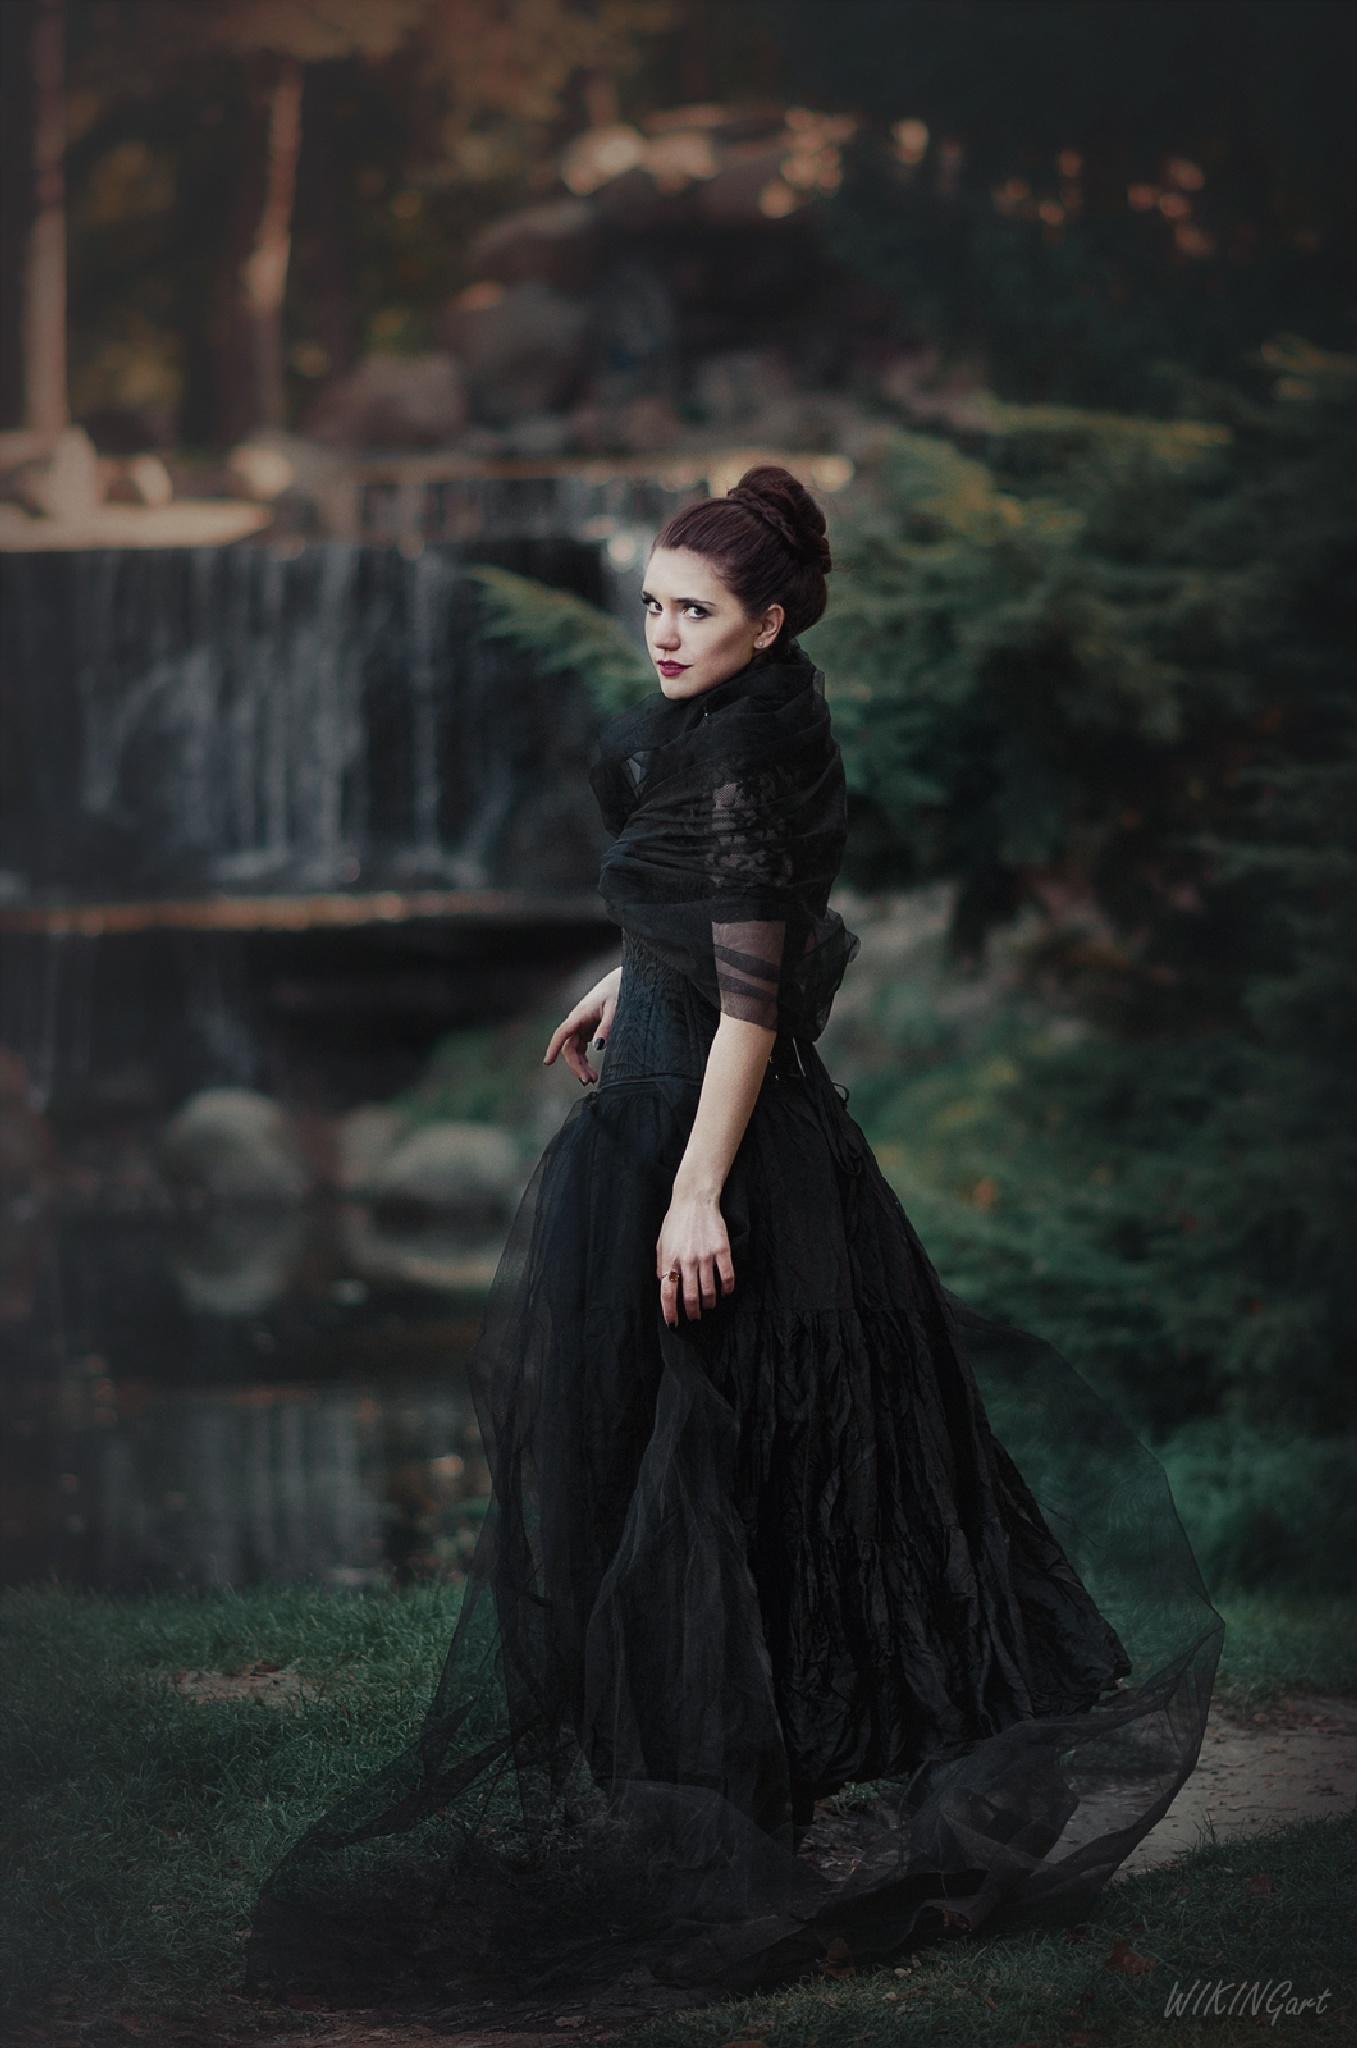 Dark Lady by Michał Piotrowski